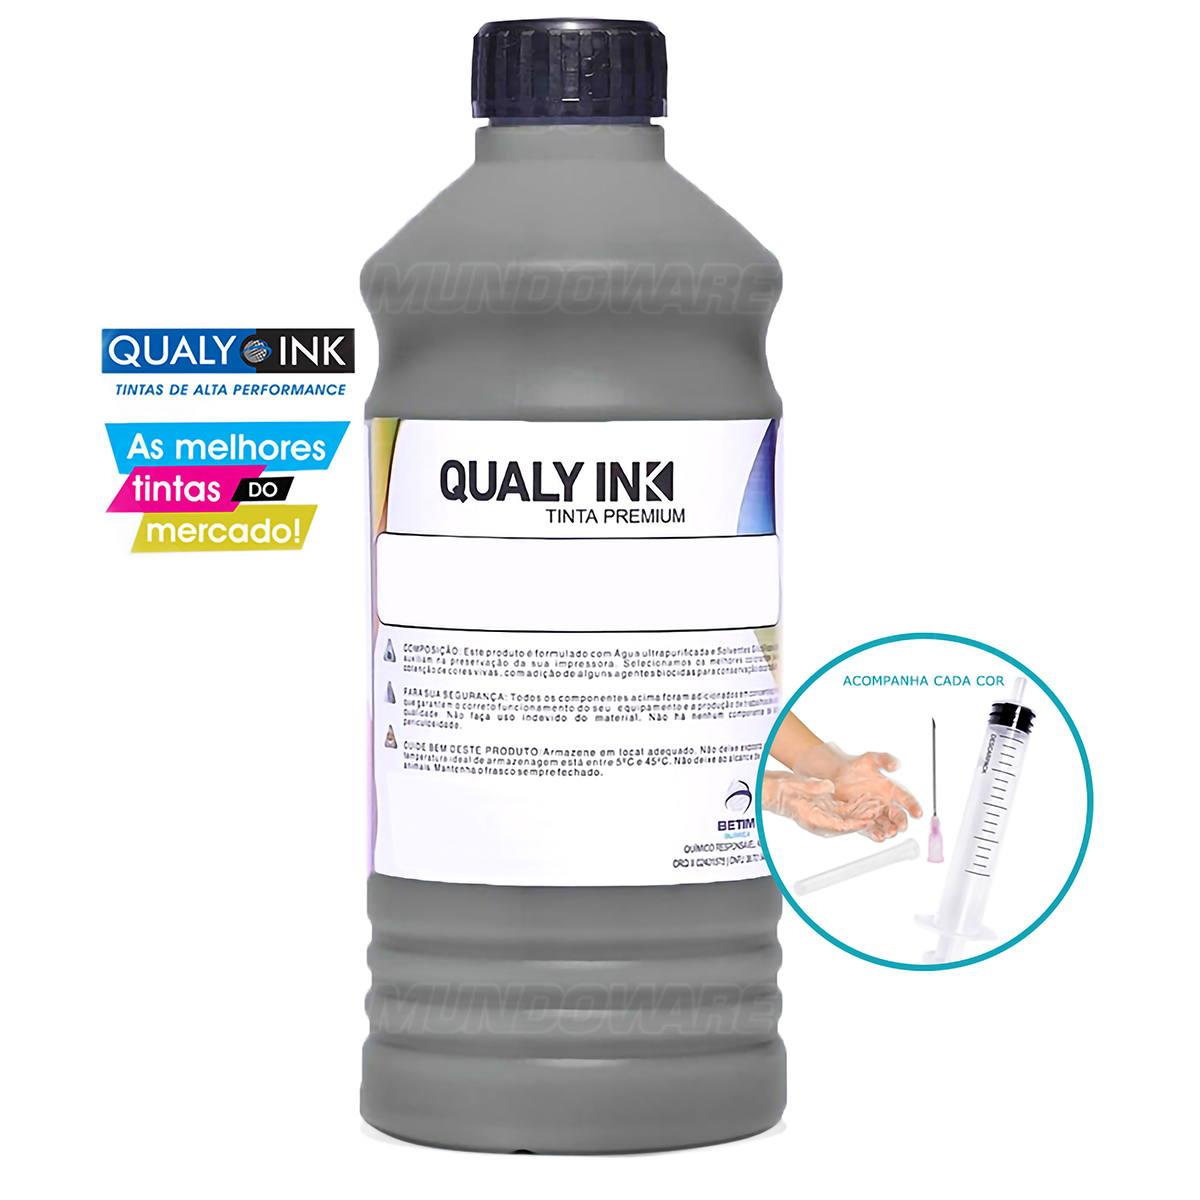 Compatível: Tinta Pigmentada Qualy-Ink BP1H-650 para Recarga de Cartuchos HP série 3000 Preto 1L